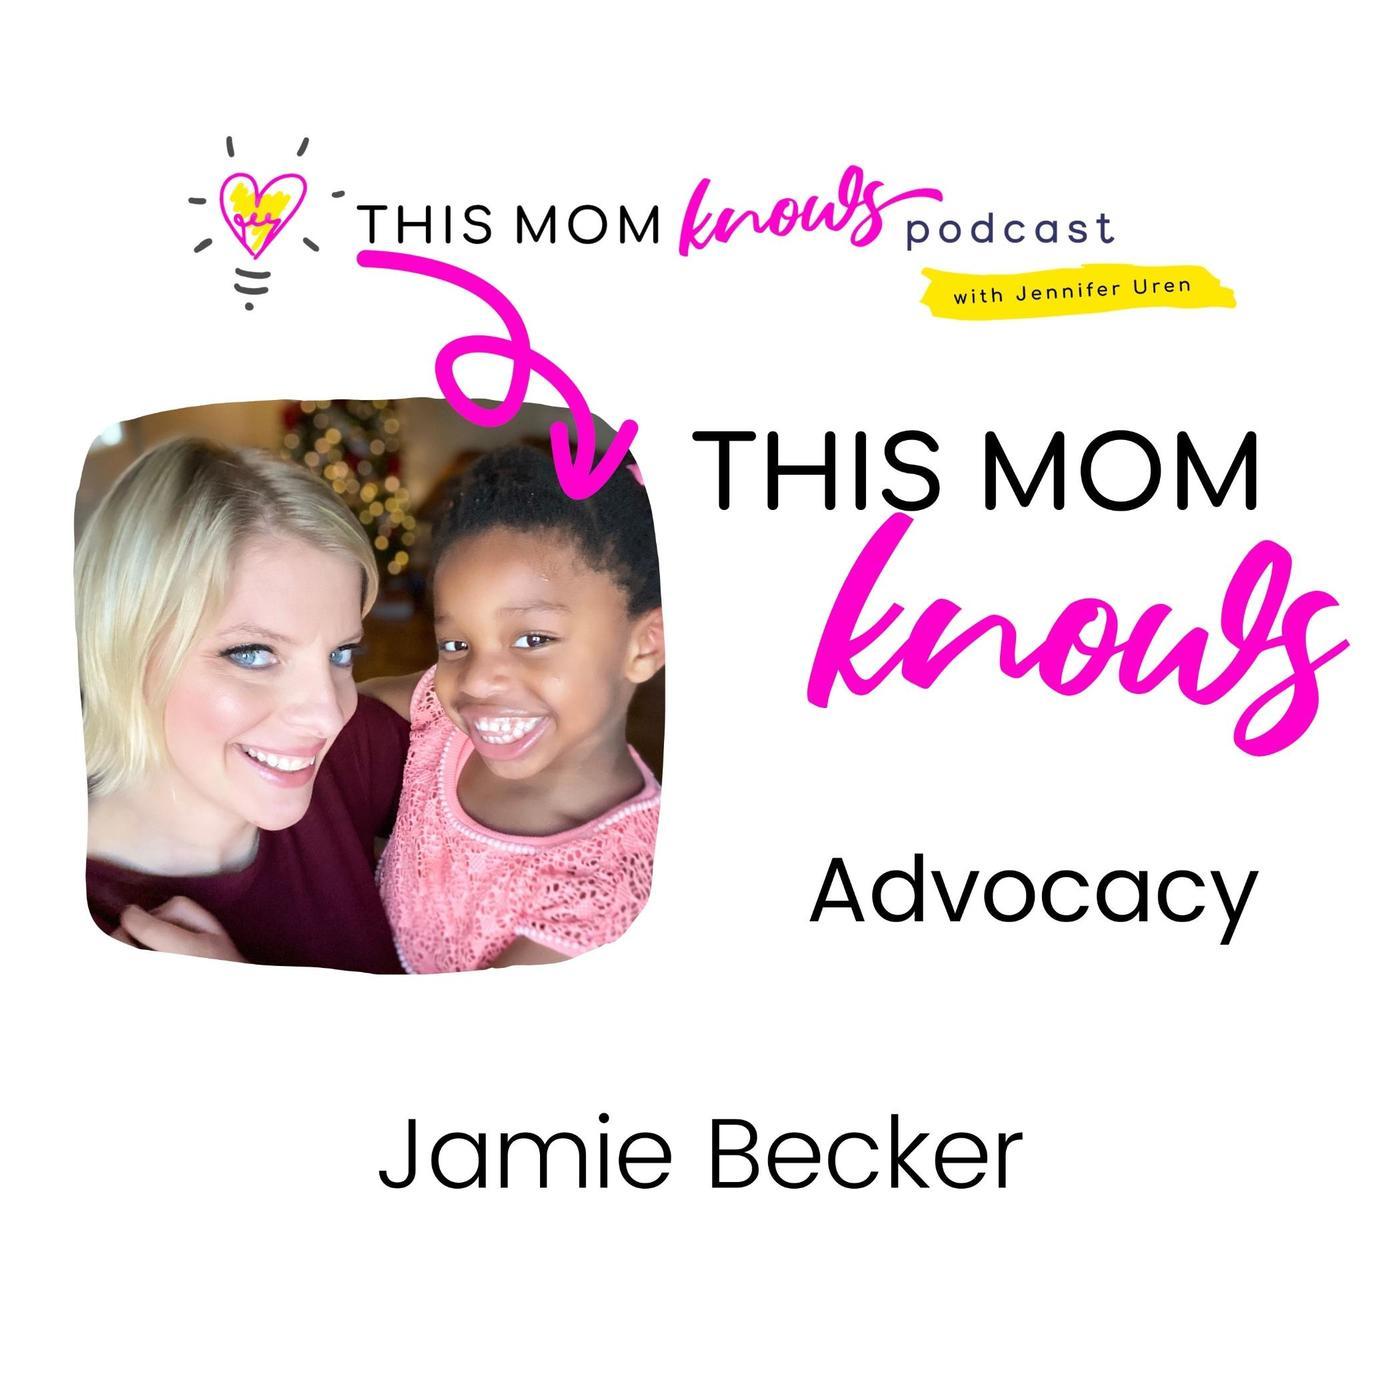 Jamie Becker on Advocacy